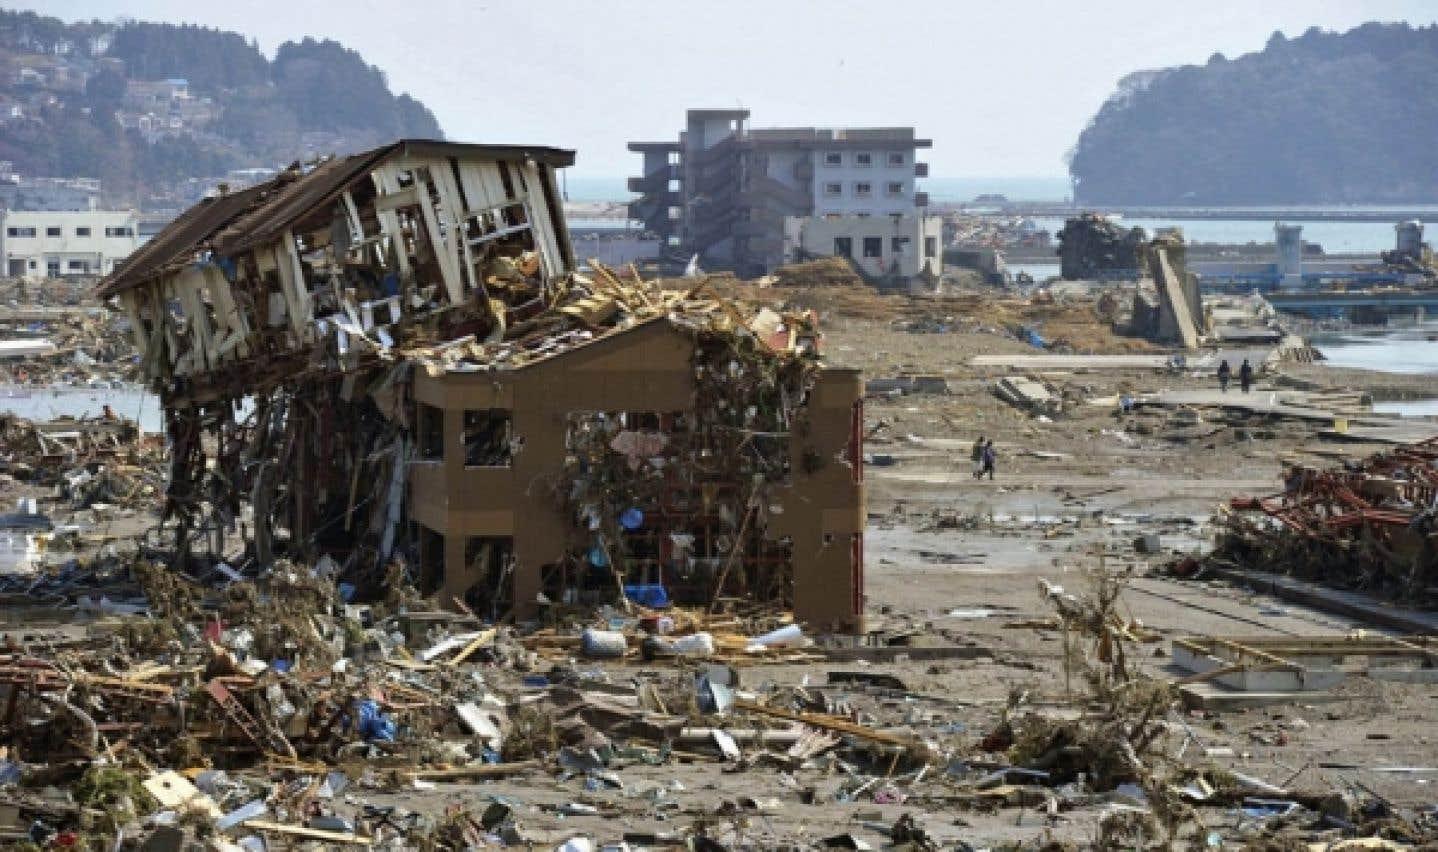 Japon - La pire crise depuis 1945